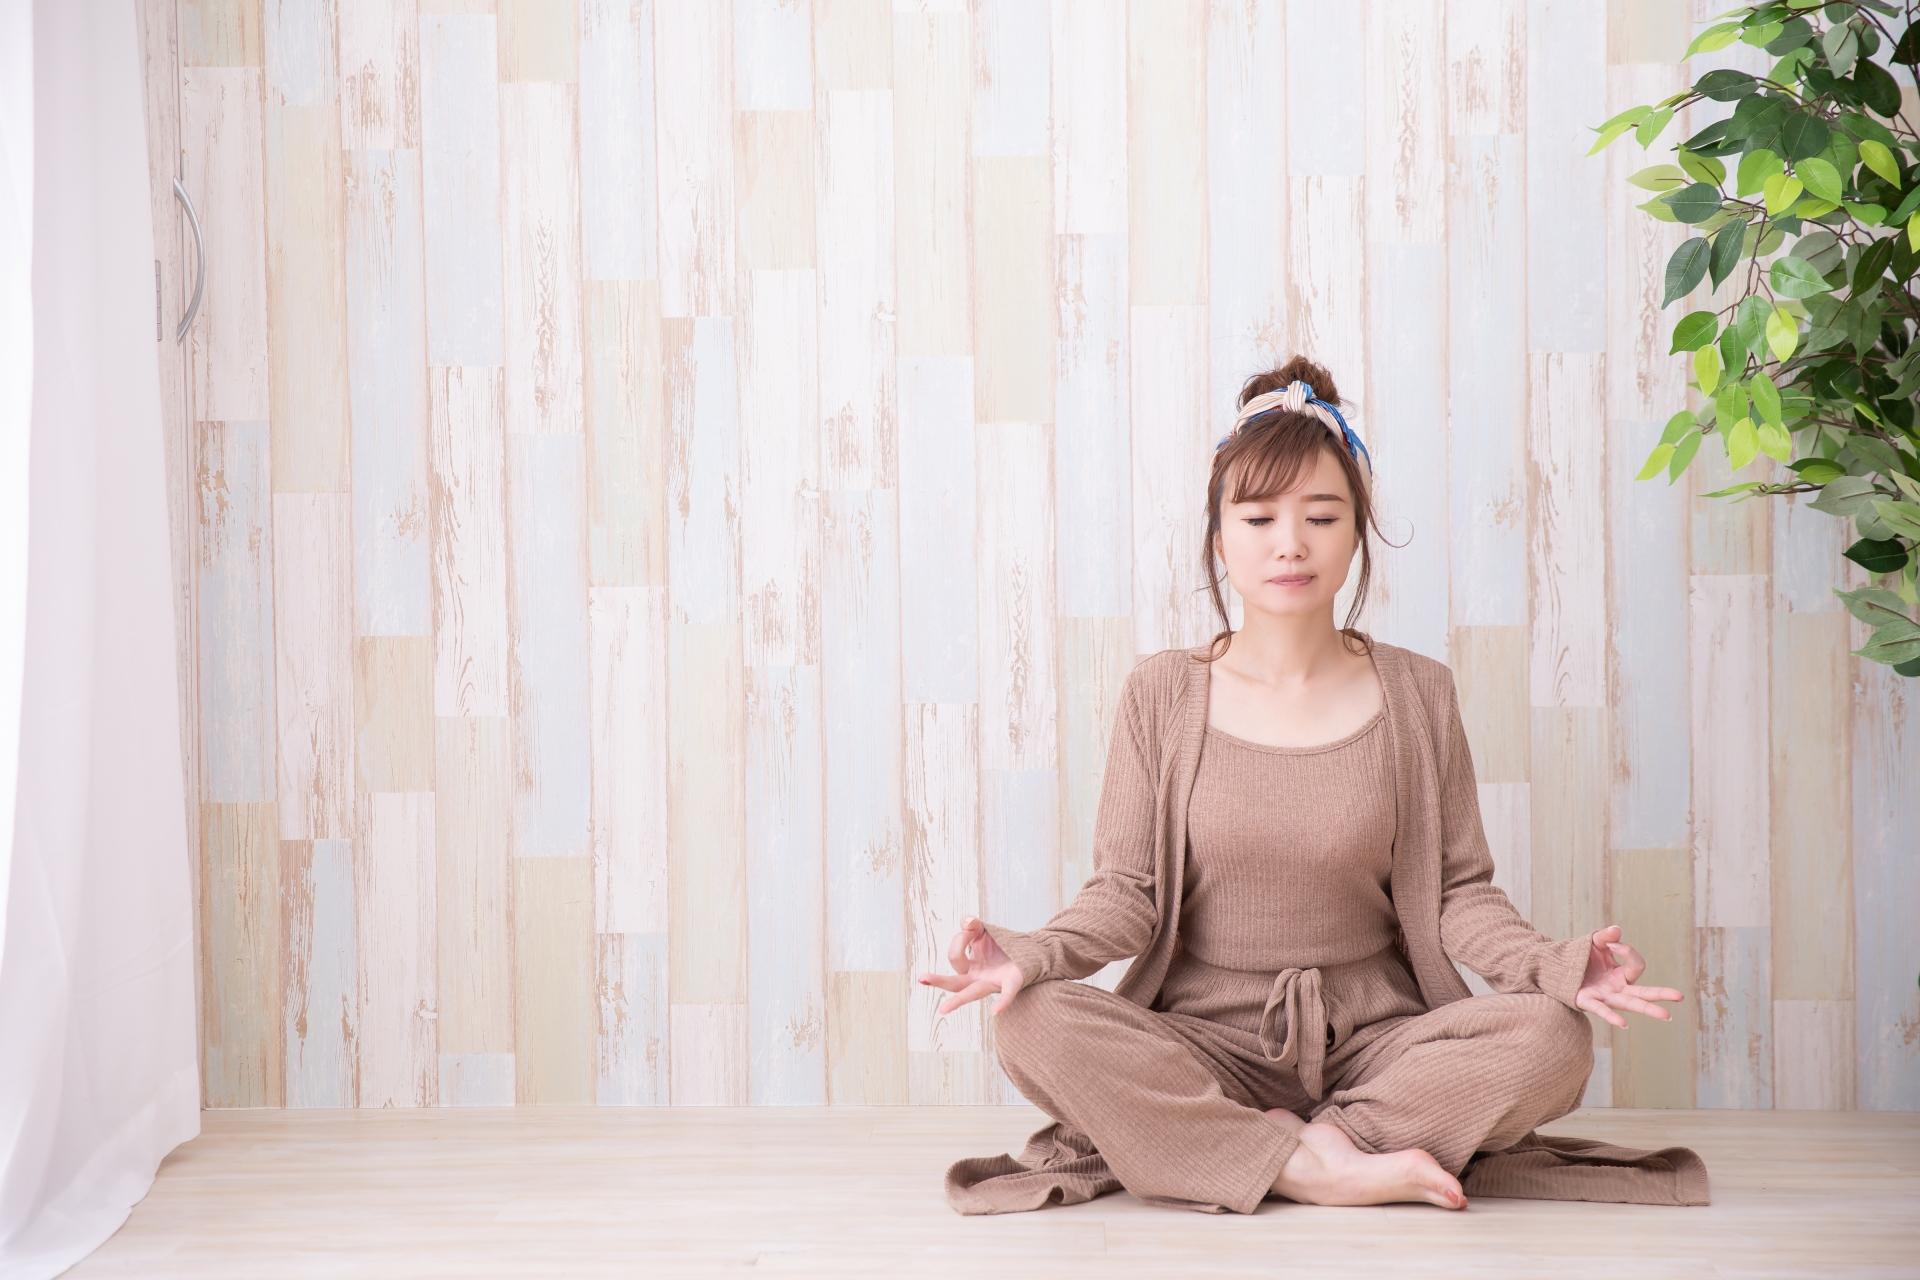 「簡単にできる瞑想」で心もと身体も軽く